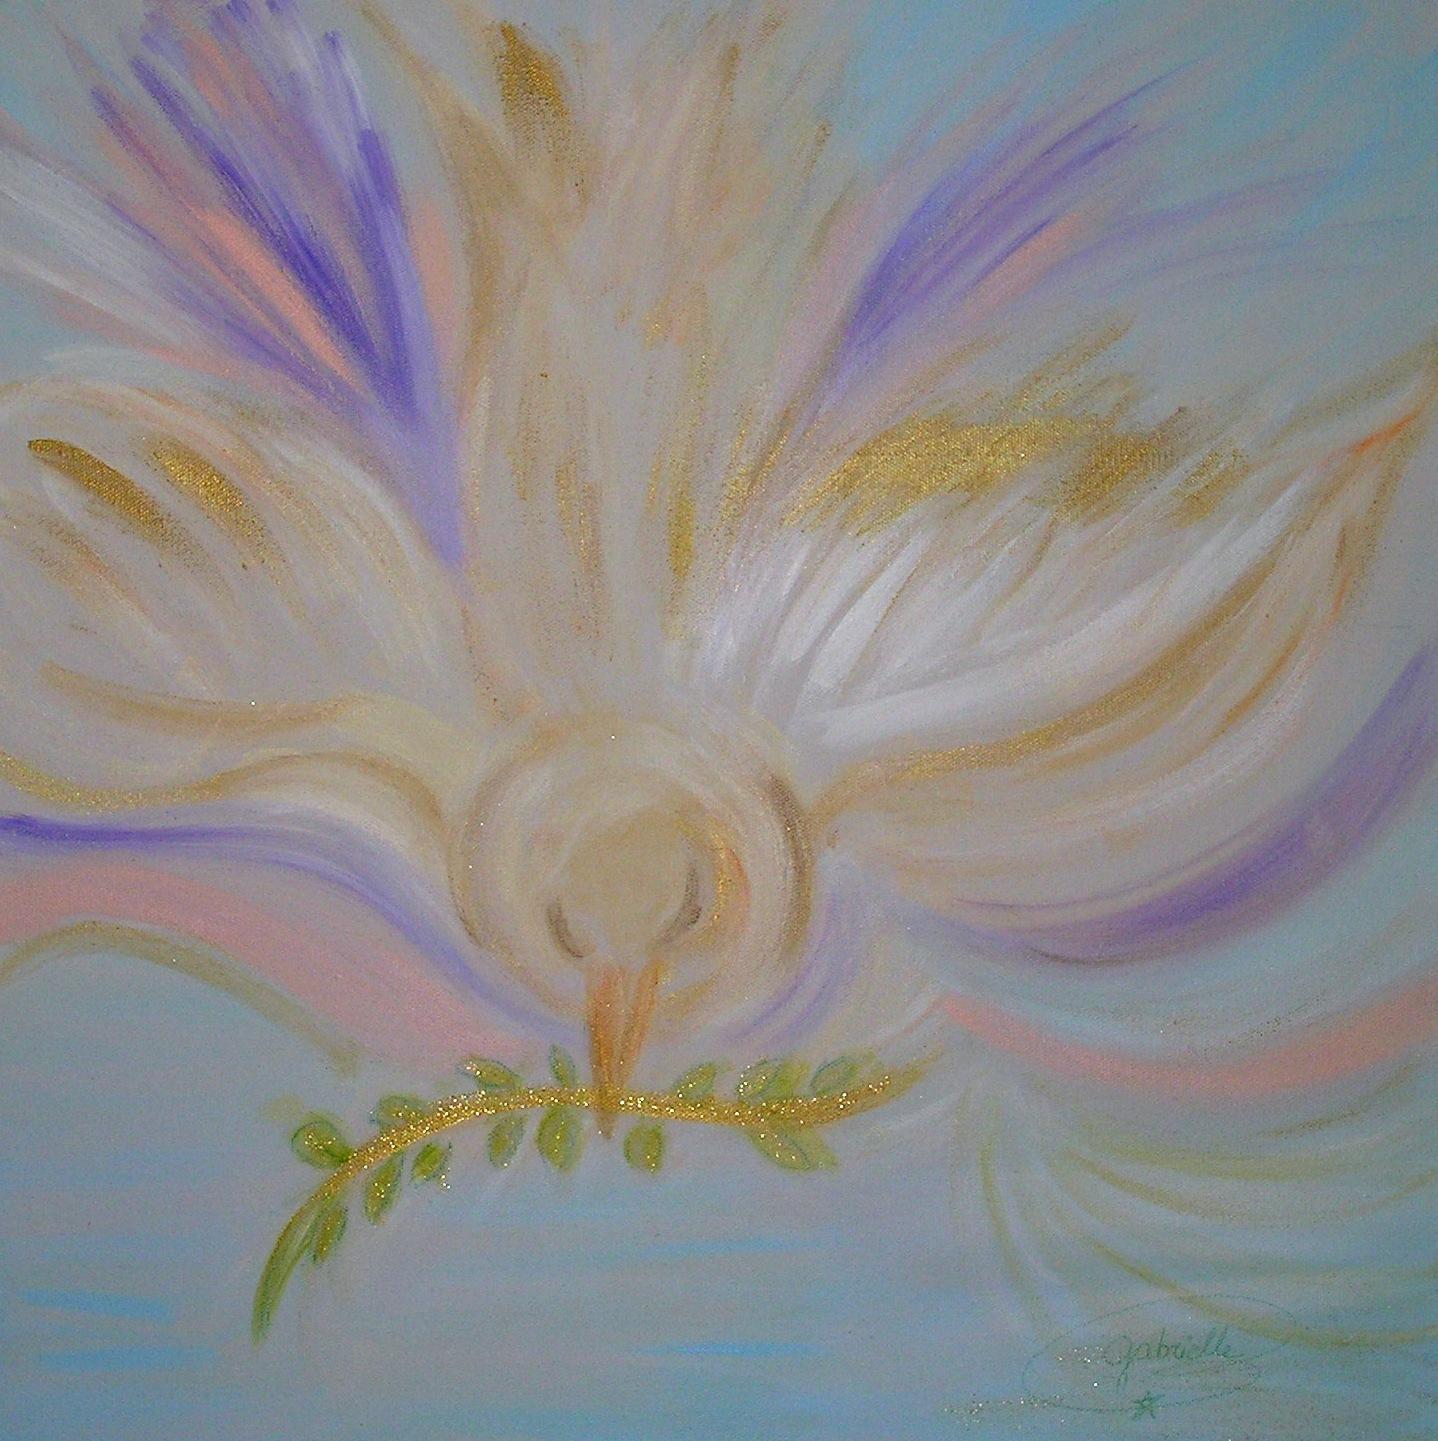 Abre tus alas. Atrevete a volar